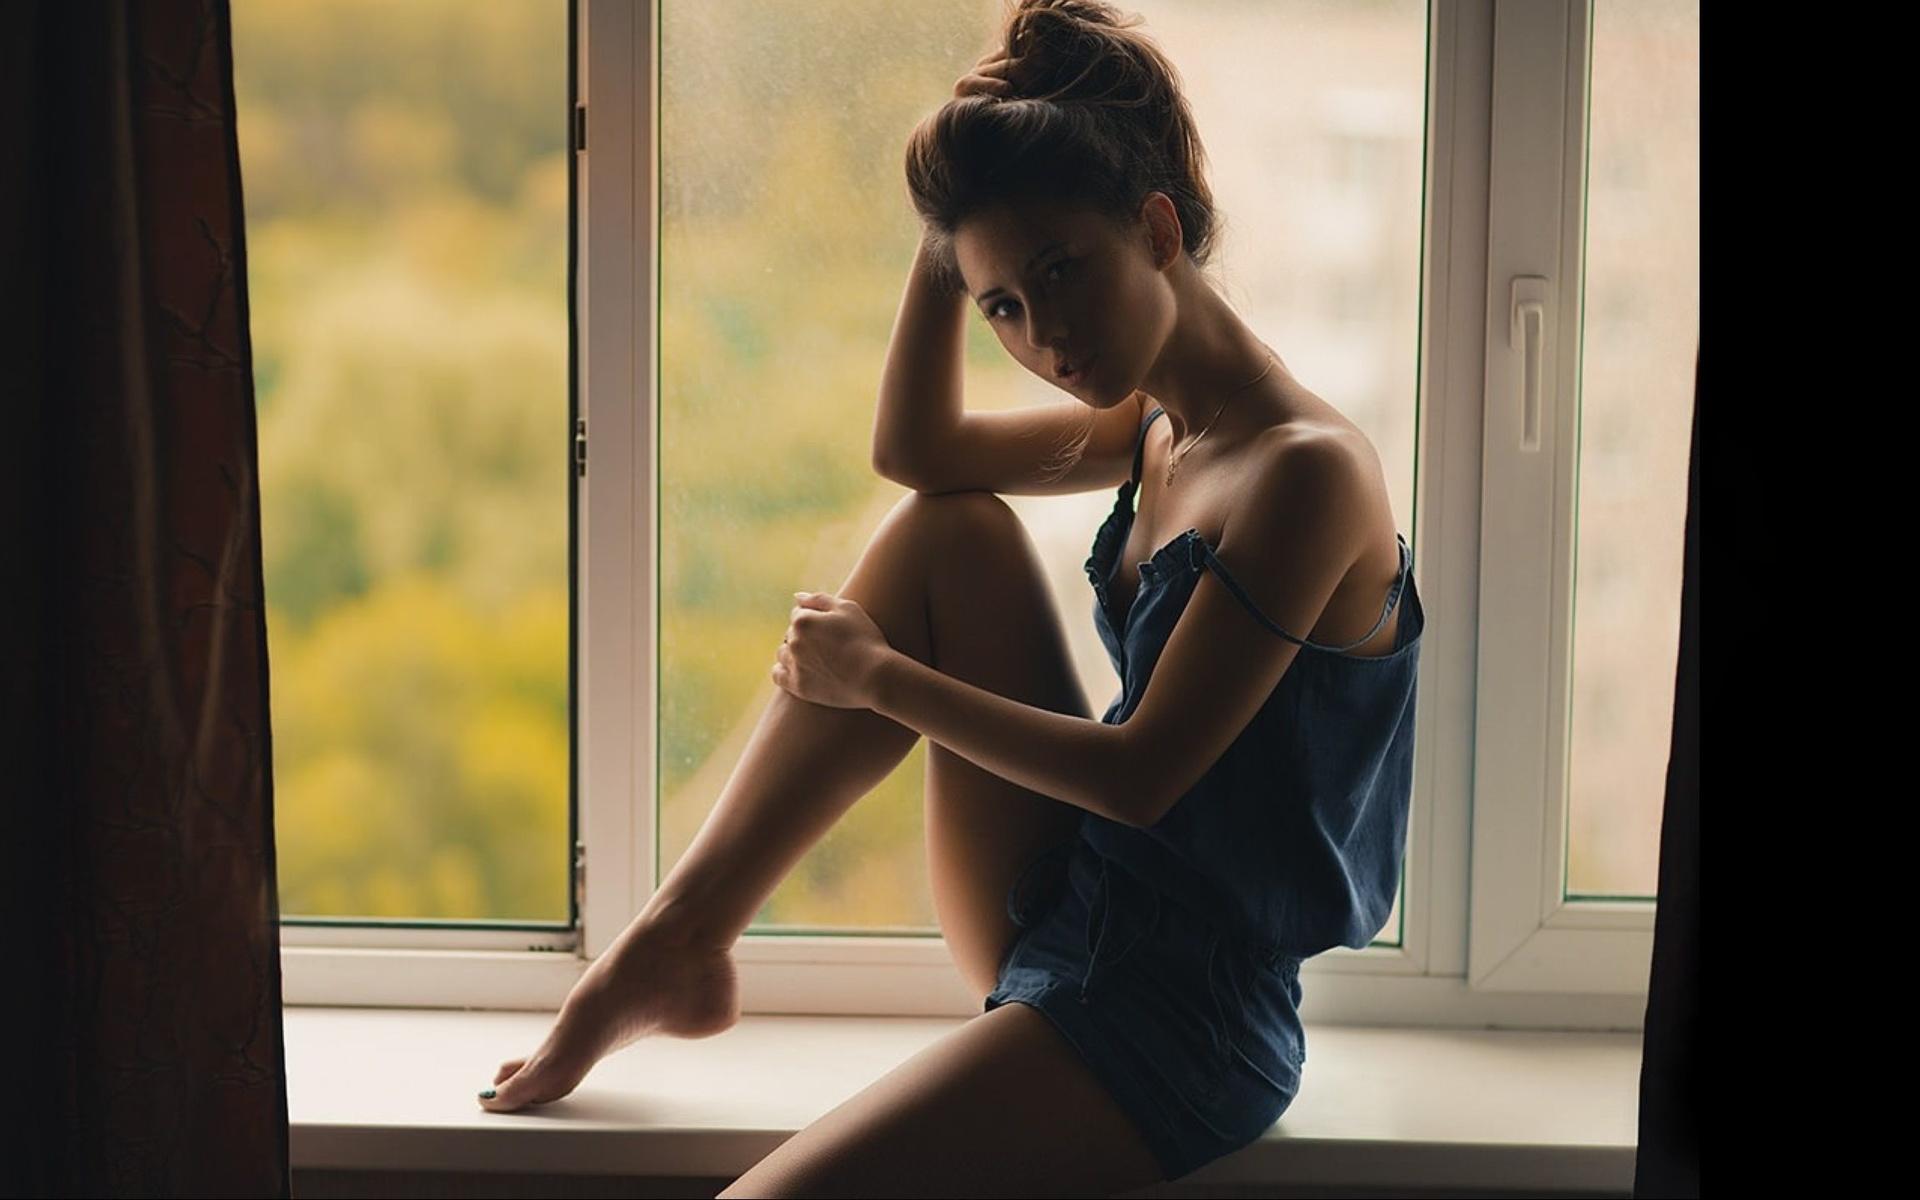 Самые красивые фотомодели у окна